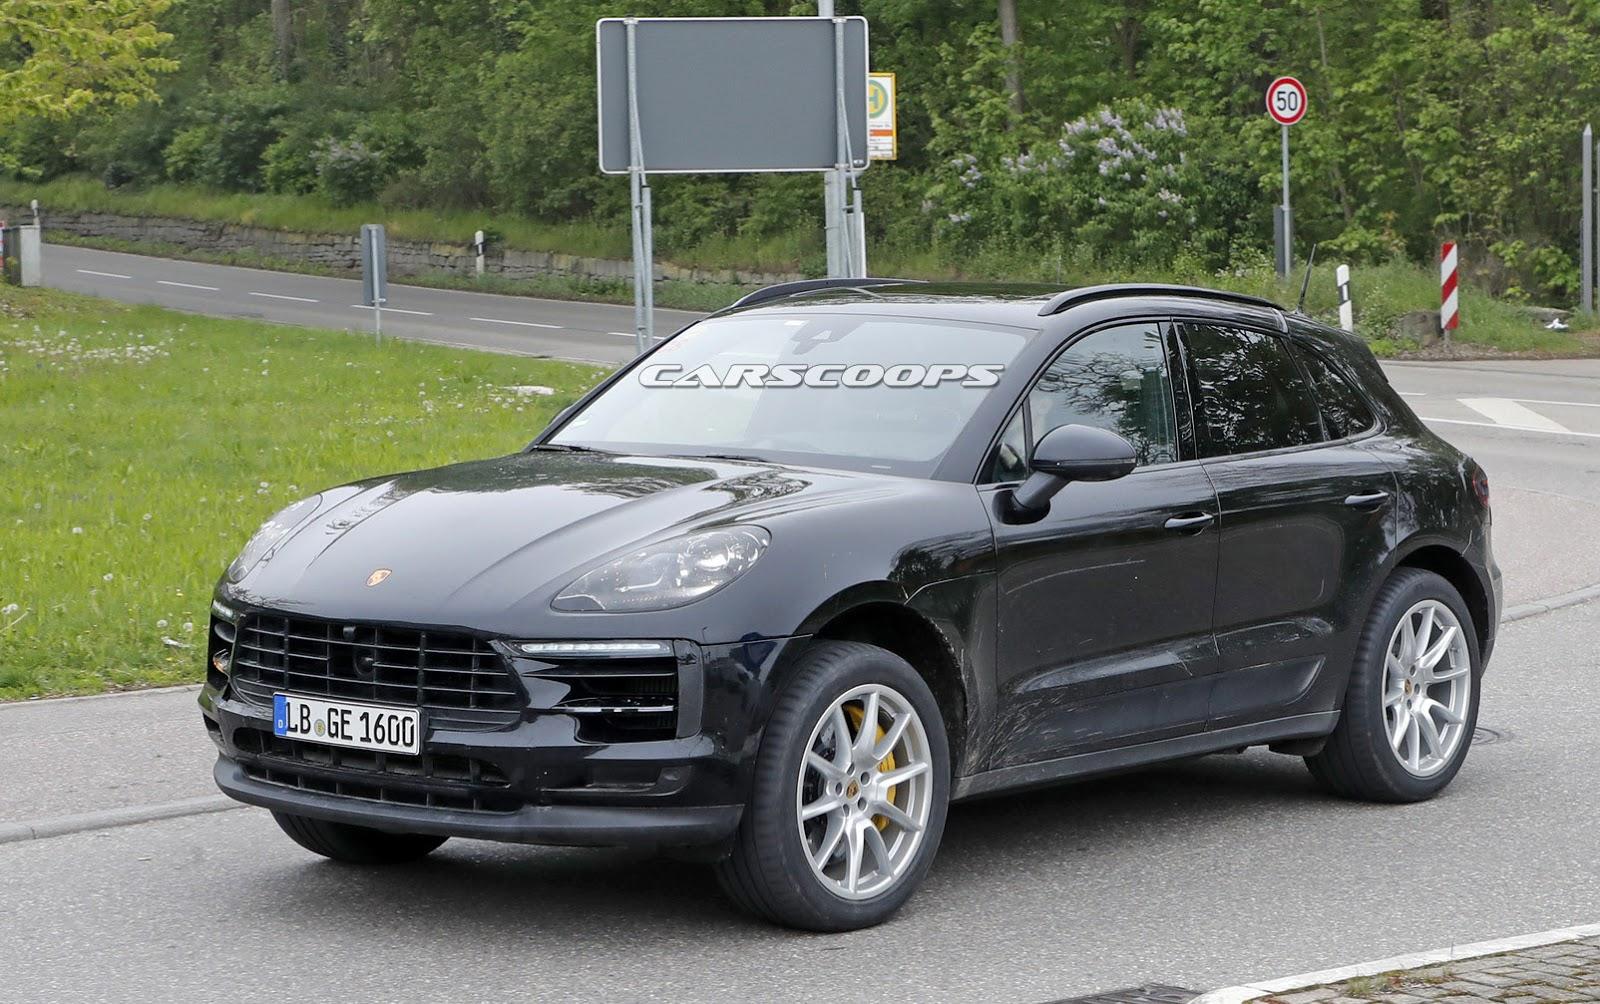 New Porsche Macan 2019 >> 2019 Porsche Macan Facelift (spy shot) - Ms-Blog